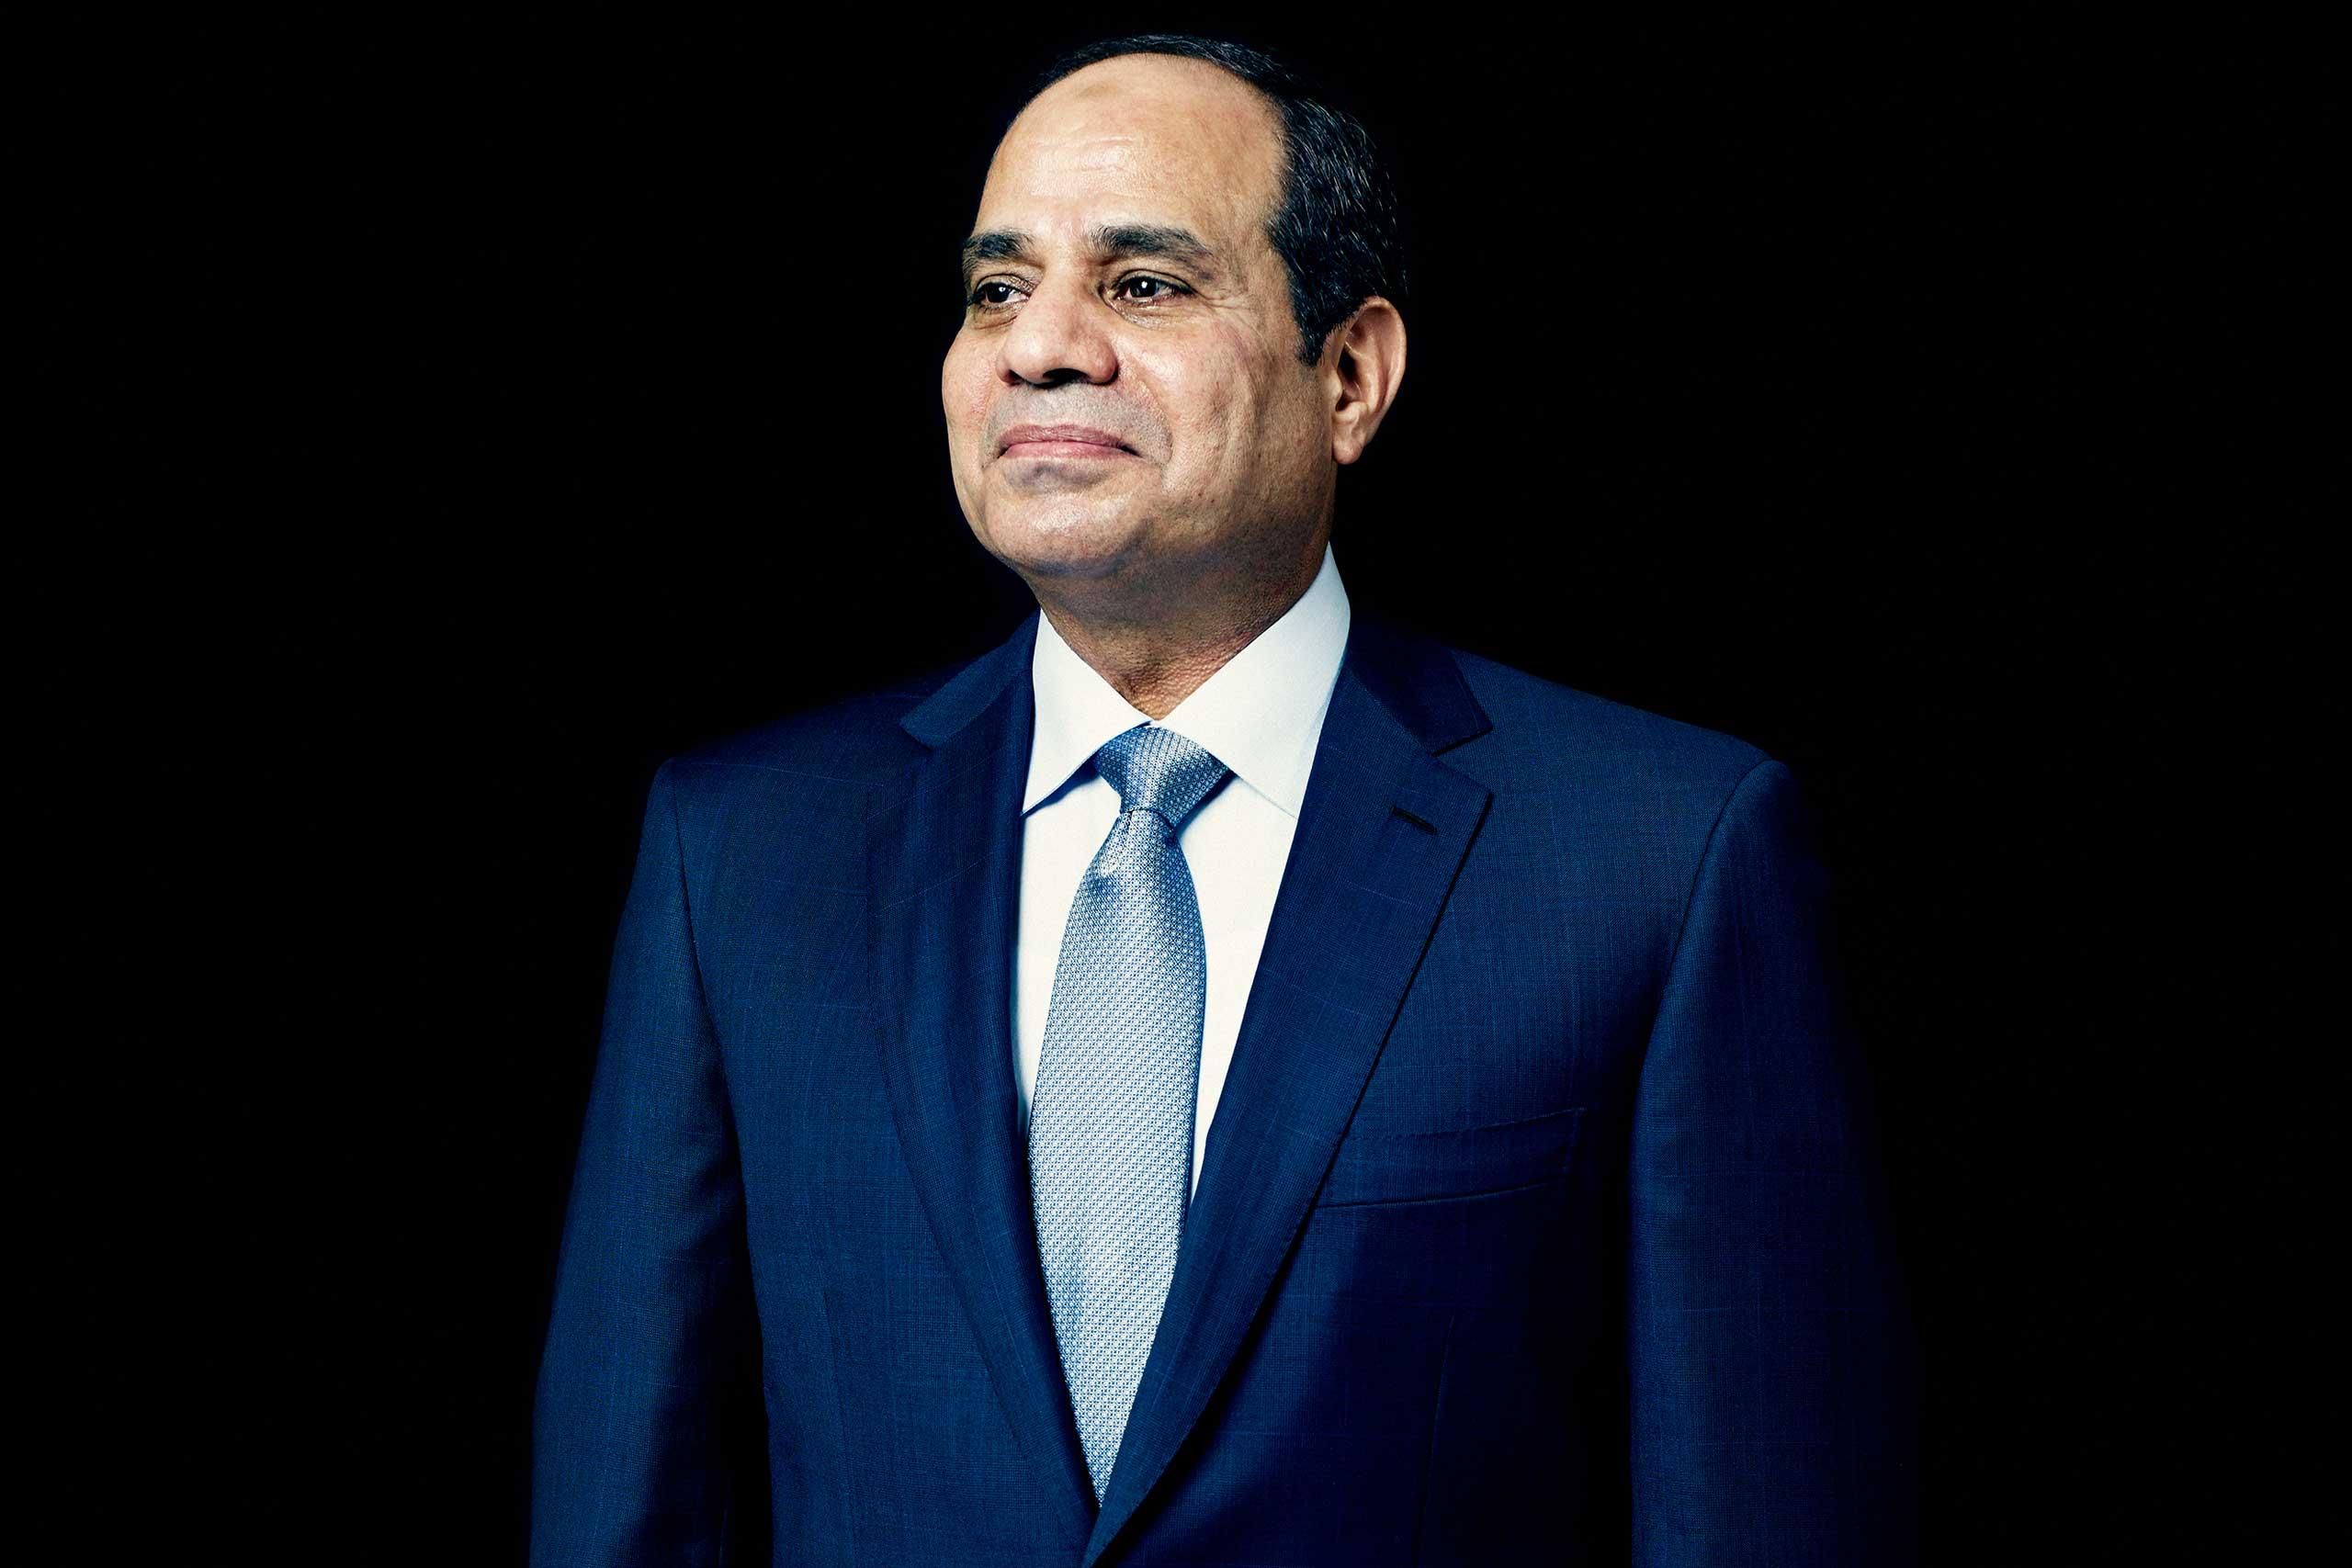 President Abdul Fattah al-Sisi of Egypt in New York City on Sept. 23, 2014